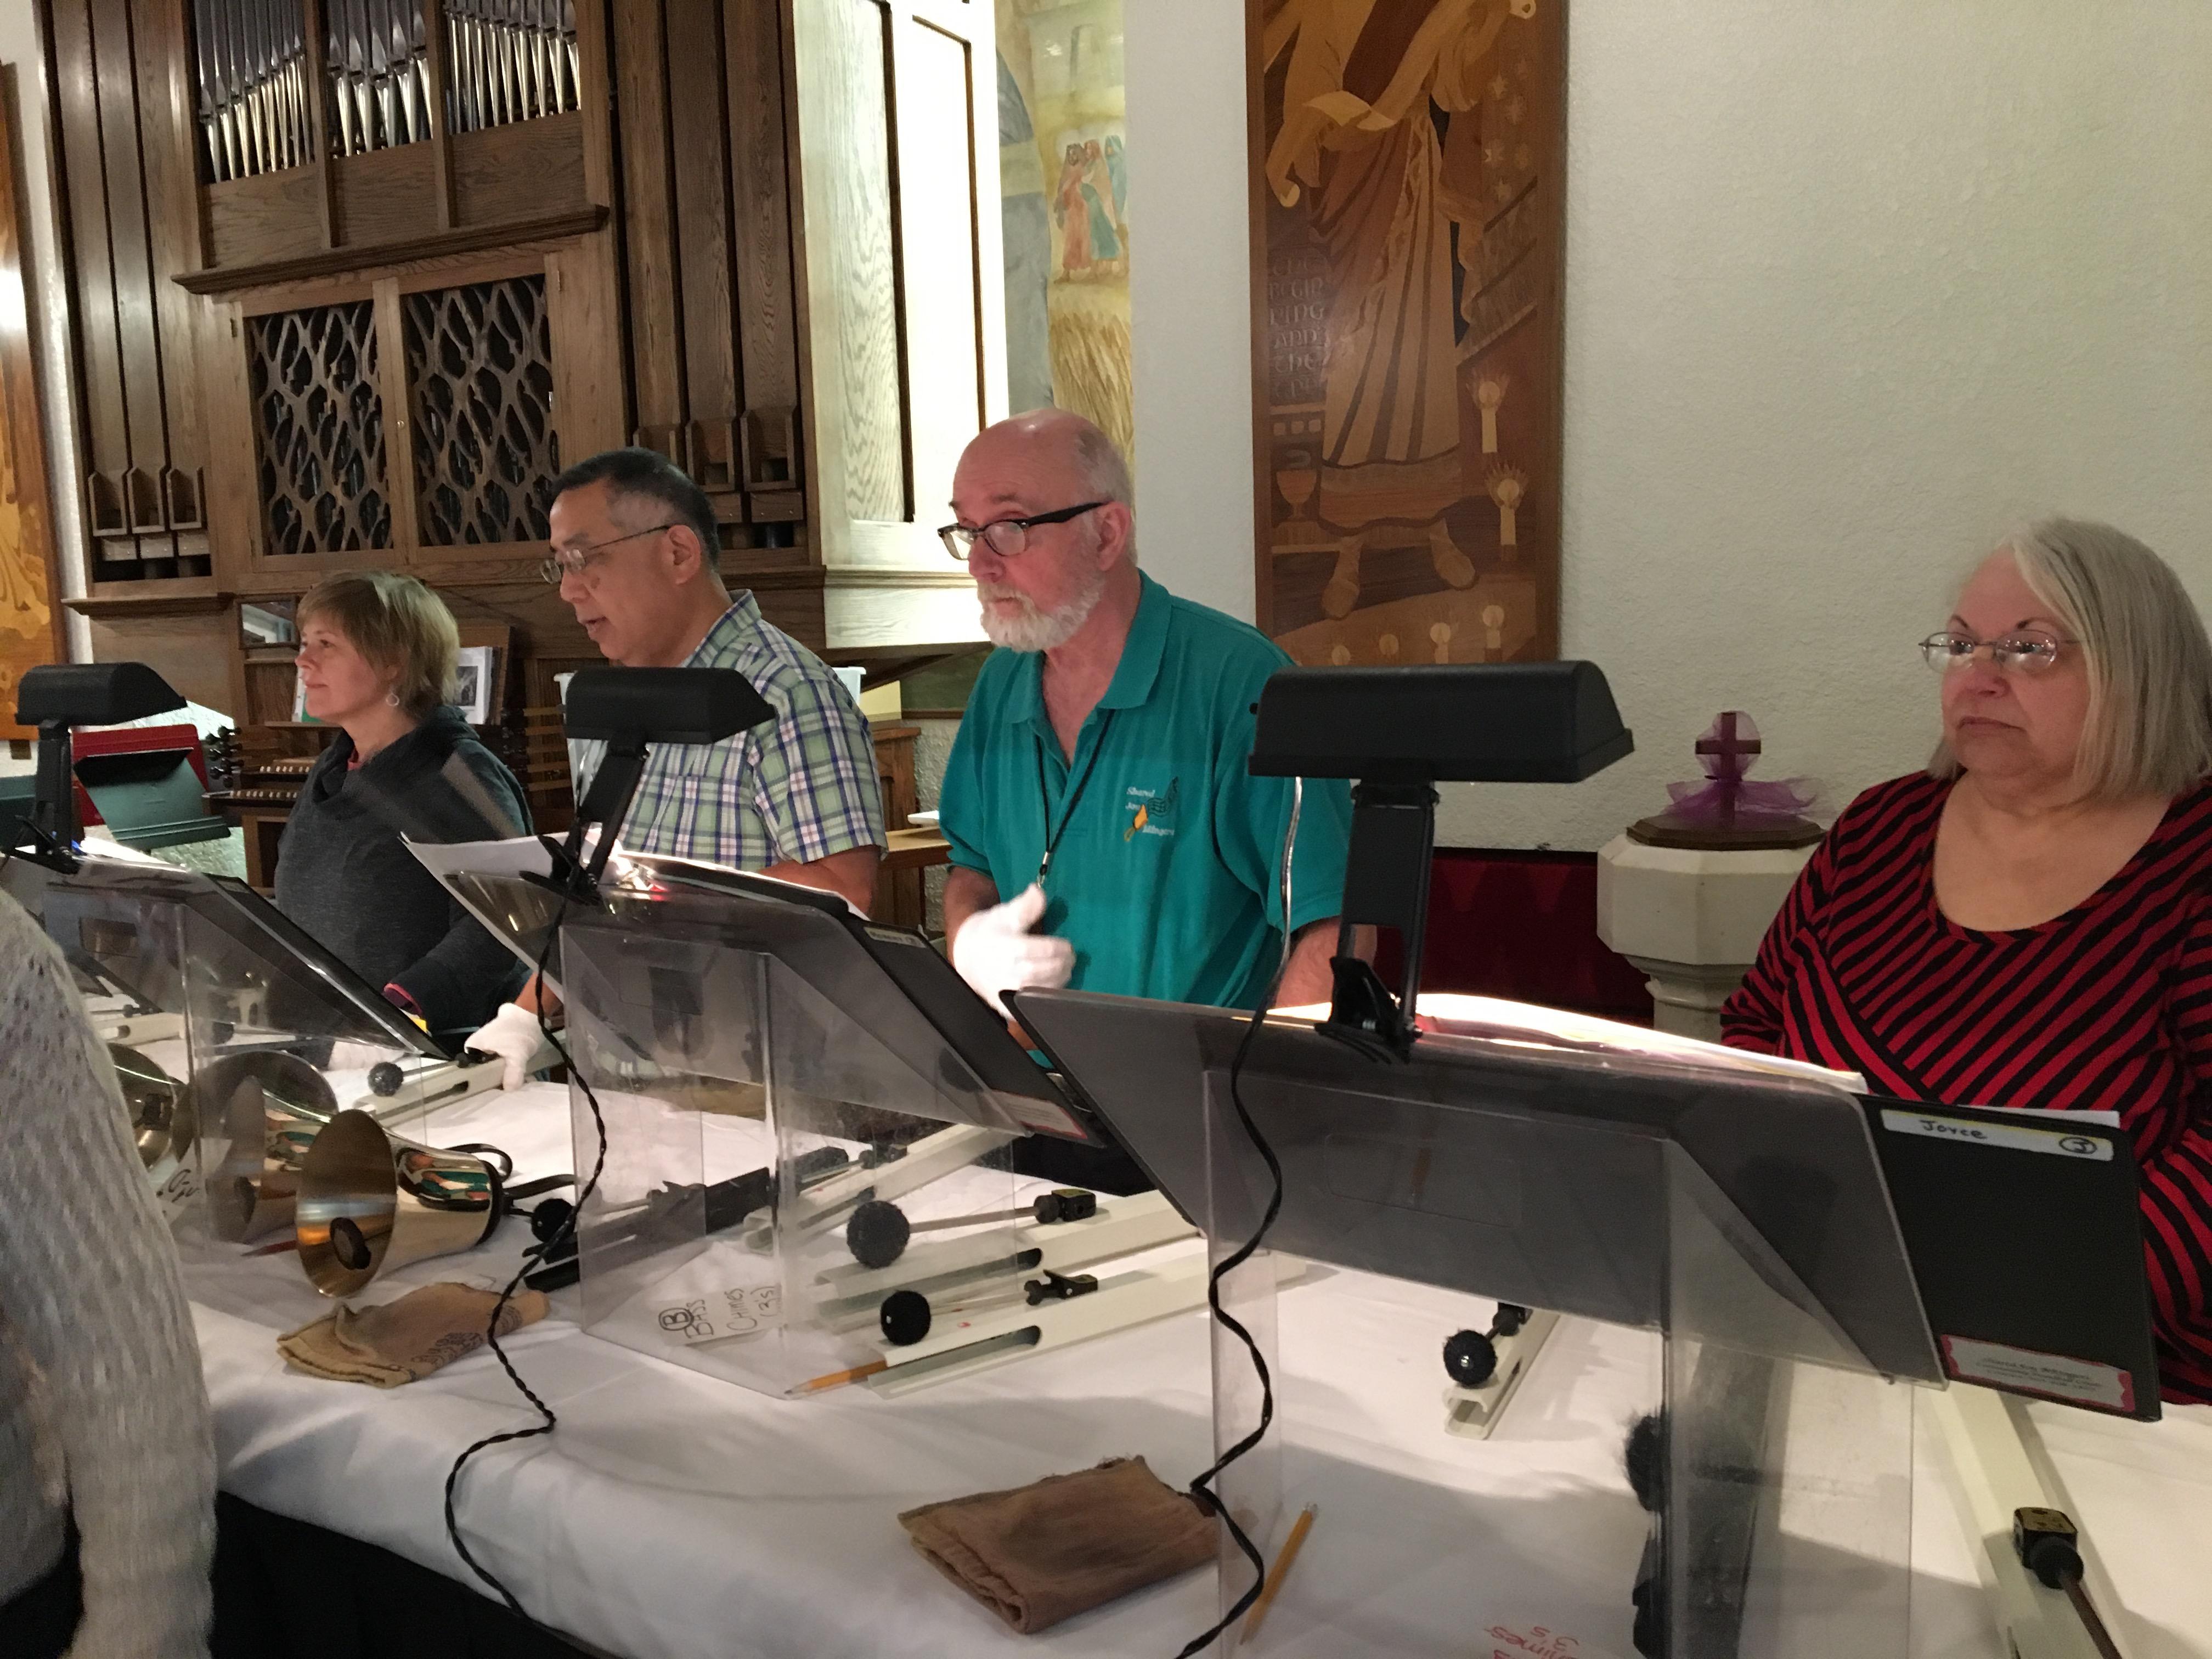 Rehearsal at St. John's